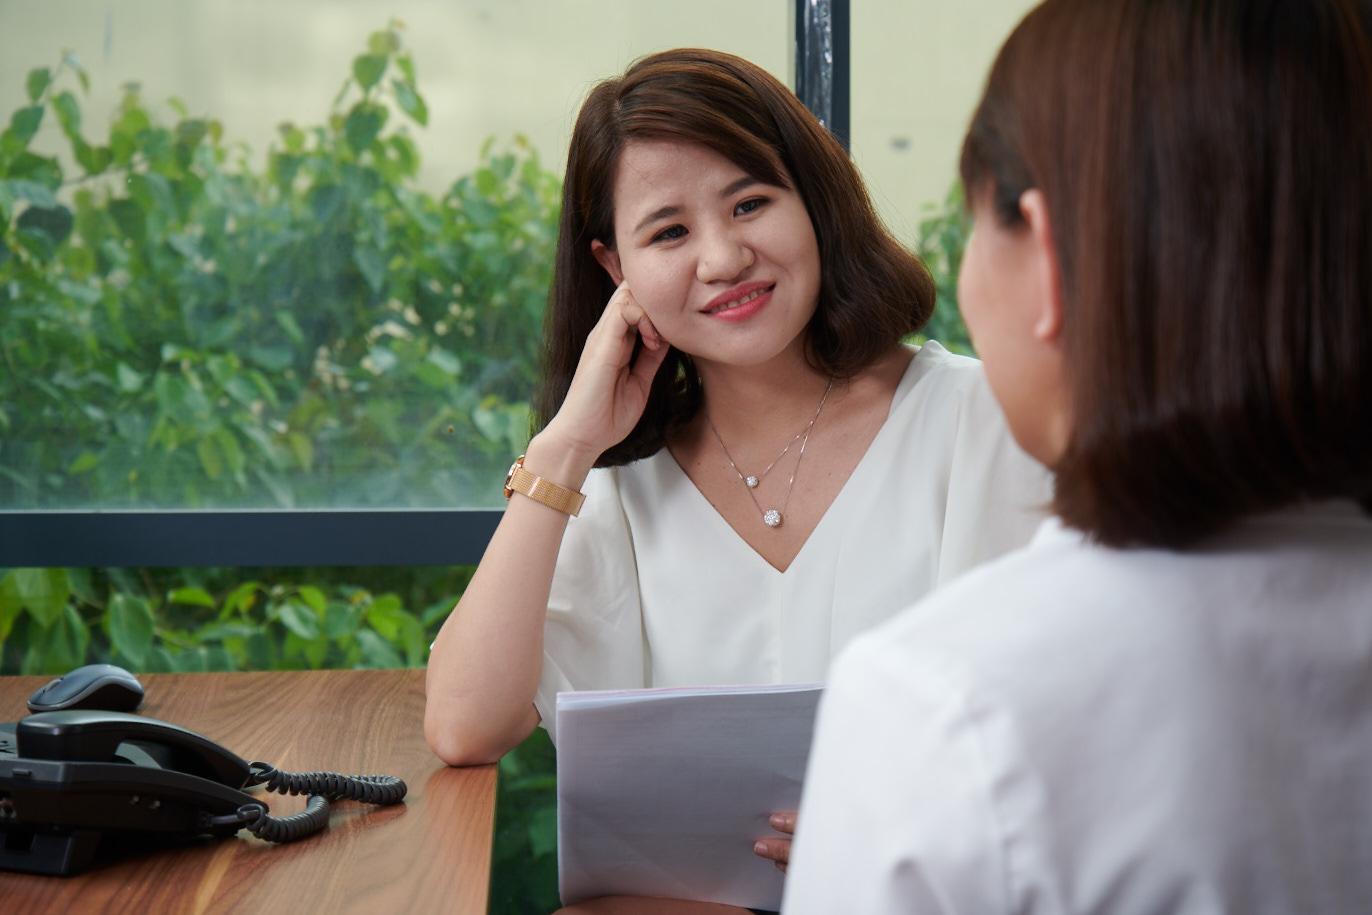 Vĩnh Thuận – Giám sát hành chính nhân sự